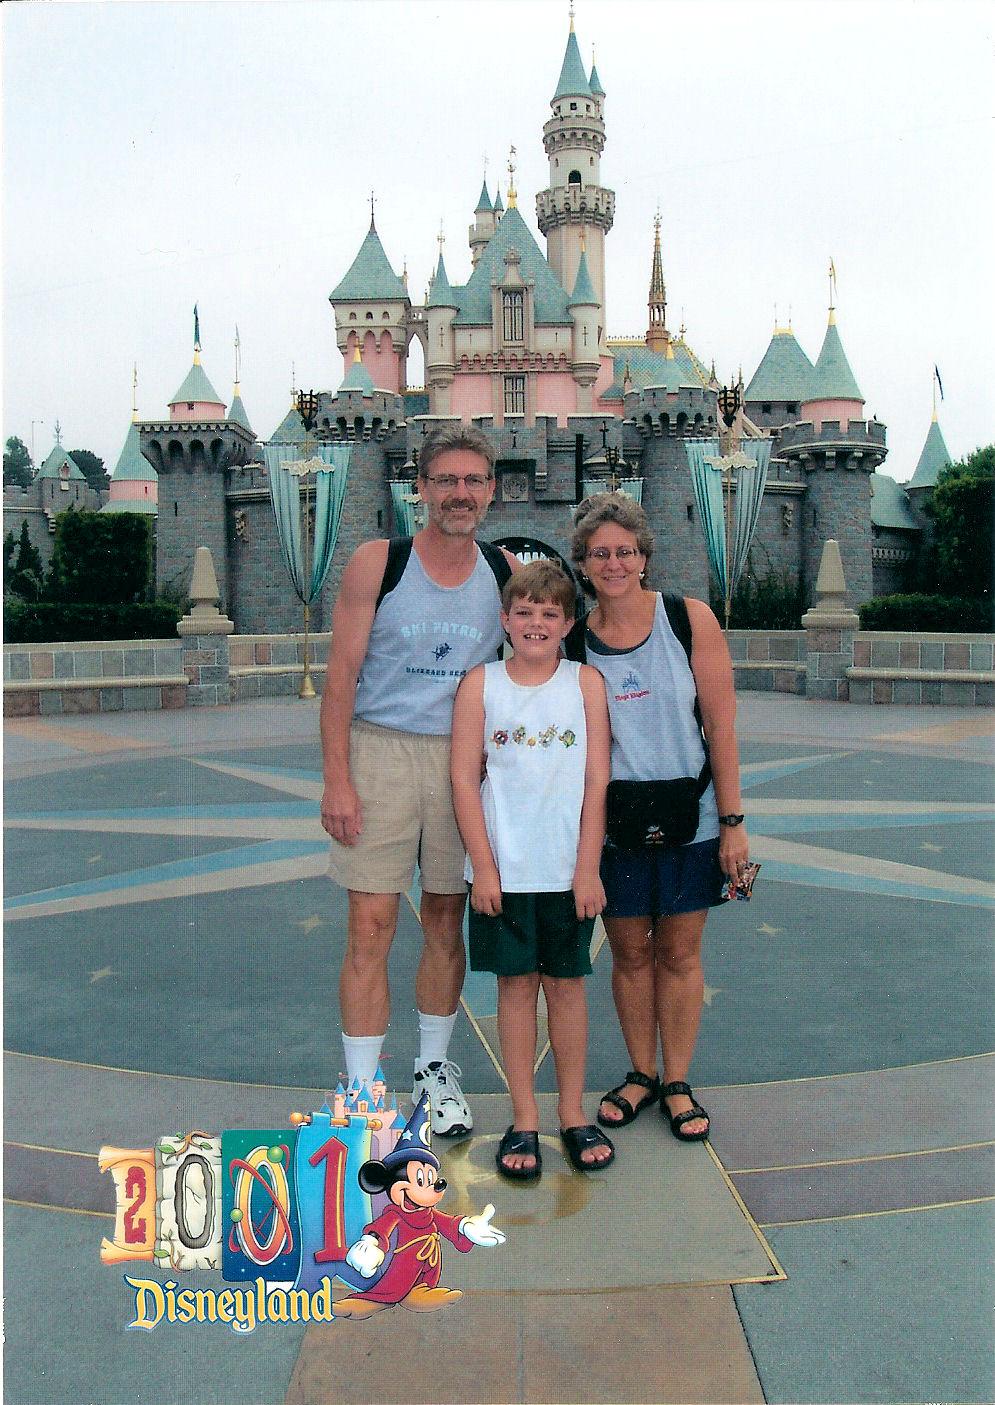 Disney Experiences 2001